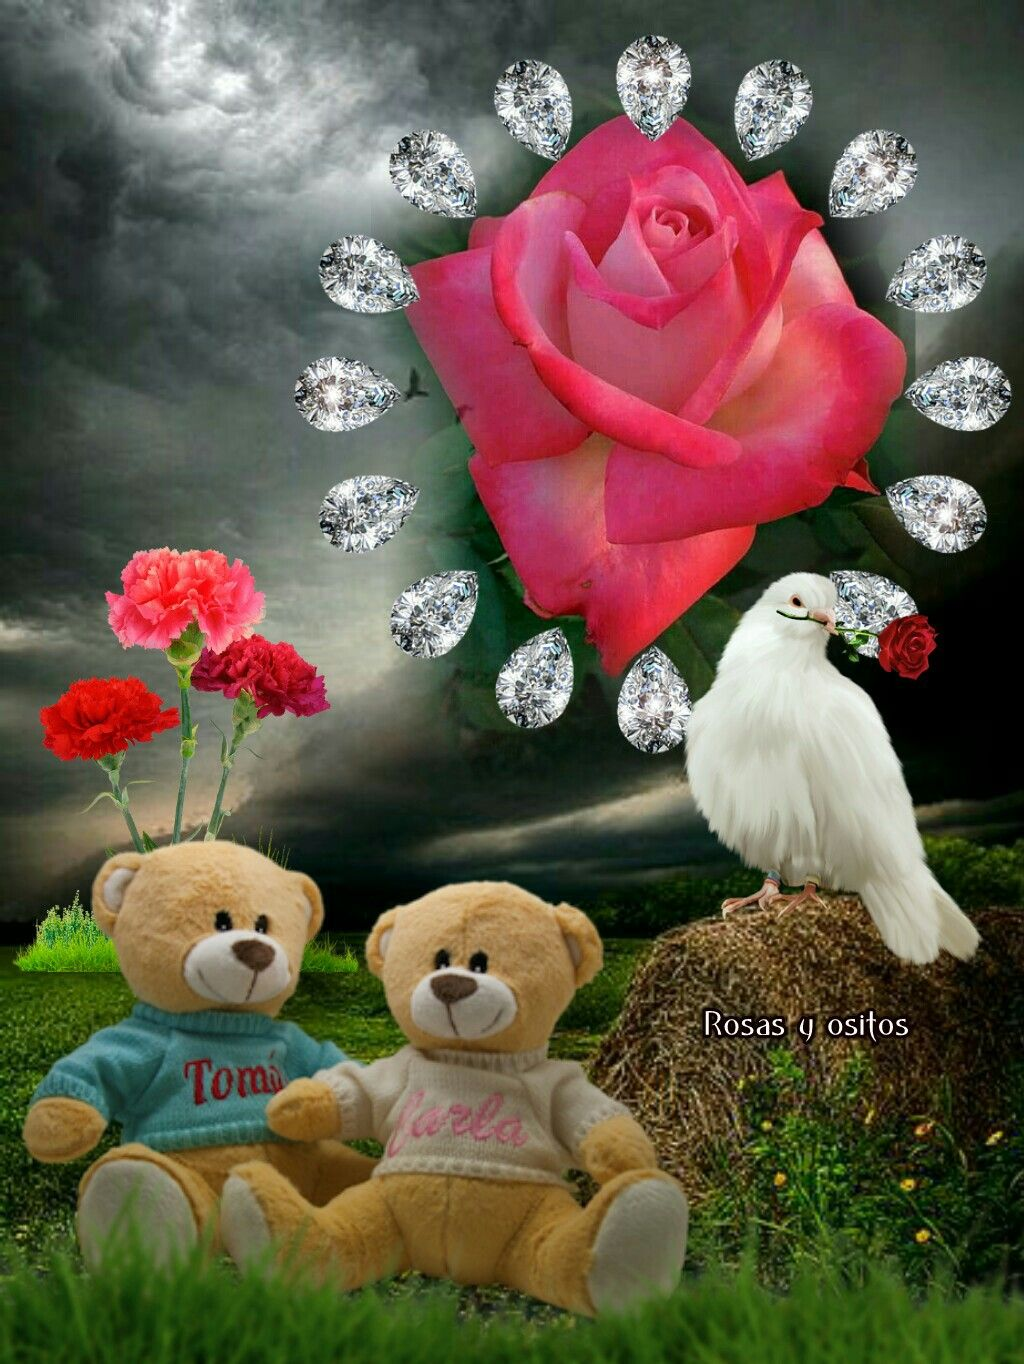 Poemas De Amor Osos Rosas Y Corazones Pin De M Consuelo Serrano G En Hermoso Corazones De Amor